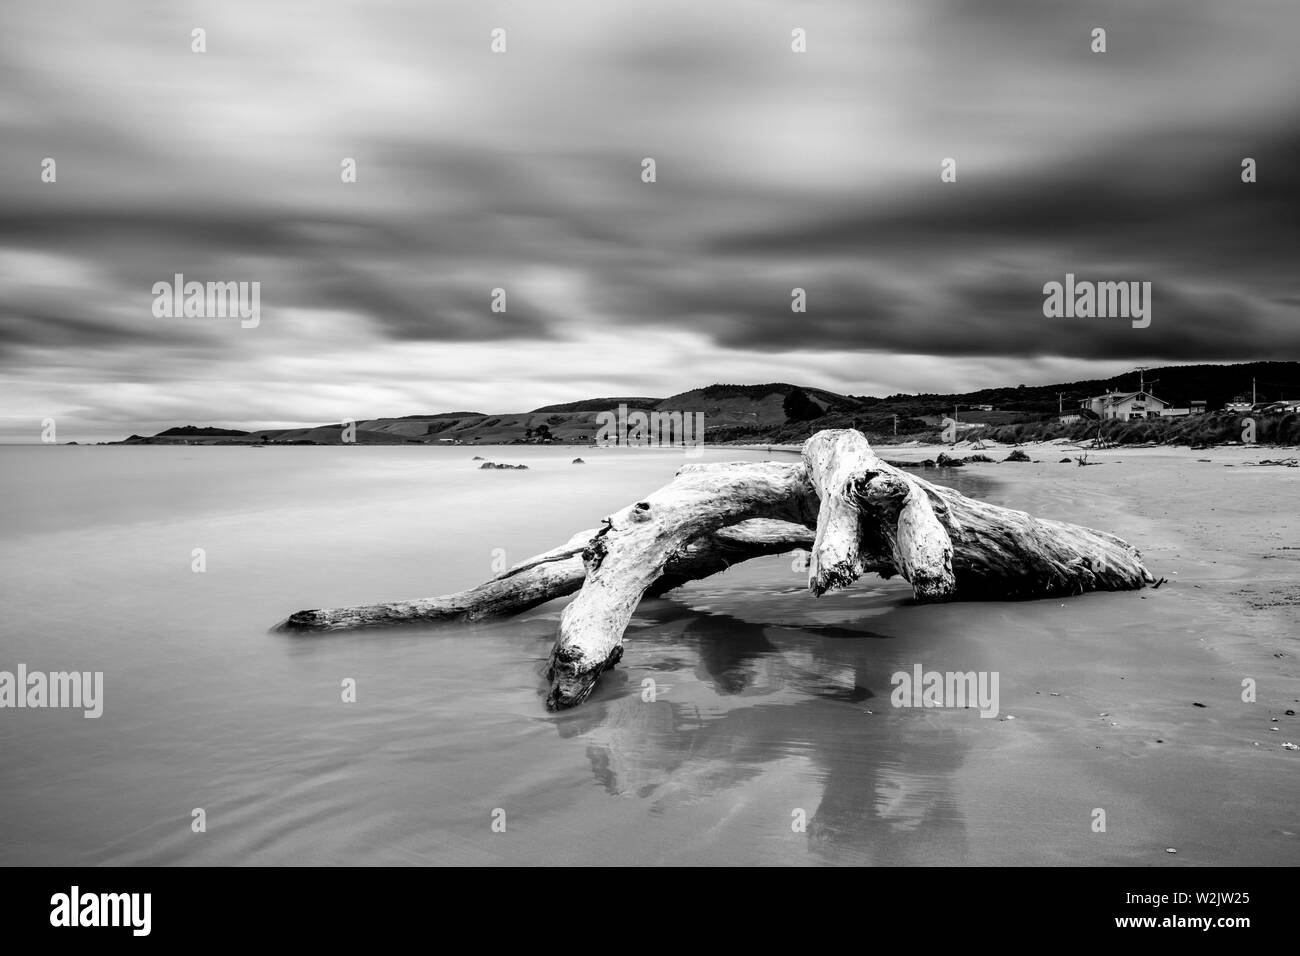 Un árbol muerto en la playa, Kaka Point, los Catlins, Isla del Sur, Nueva Zelanda Foto de stock